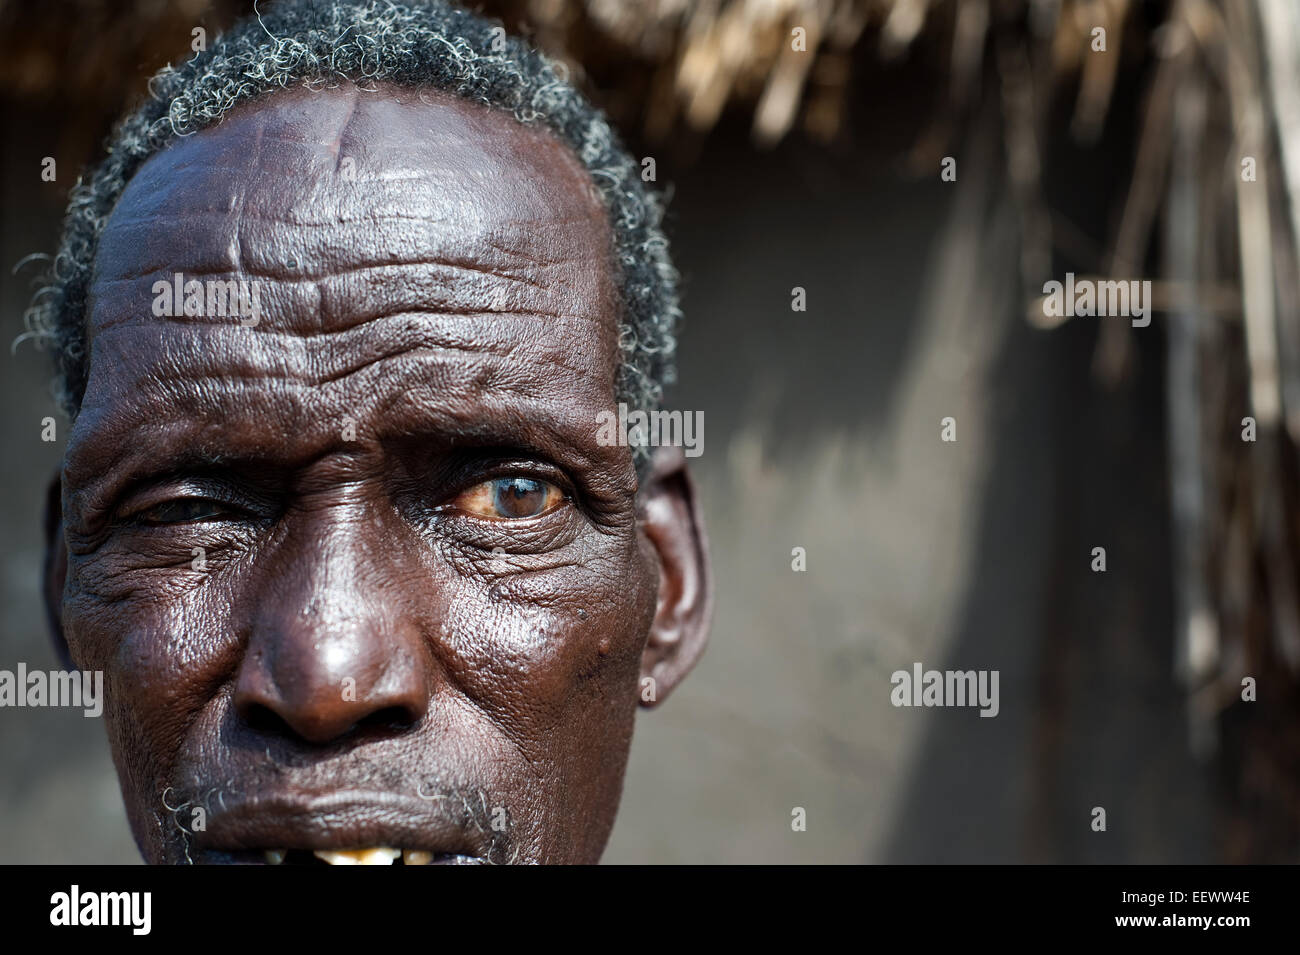 Mann aus der Nuer Stamm mit traditionellen Scarifications auf der Stirn. Er ist ein Flüchtling aus dem Südsudan Stockbild